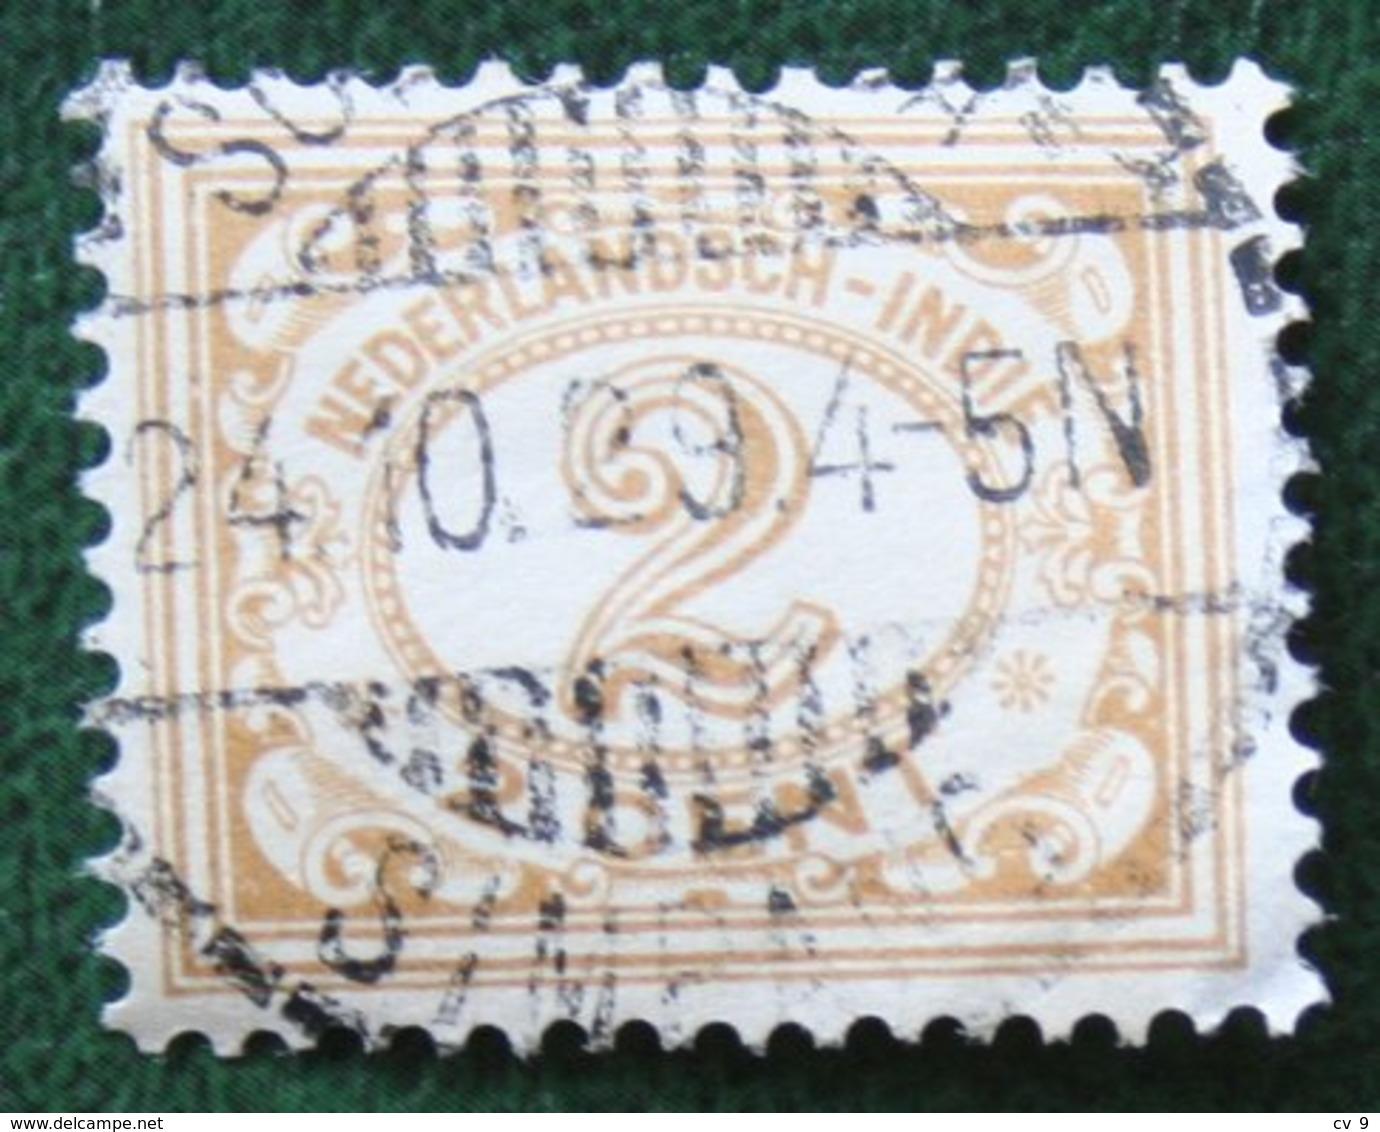 Read 2 Ct Cijfer NVPH 101 1912-1930 Gestempeld / Used INDIE / DUTCH INDIES - Netherlands Indies